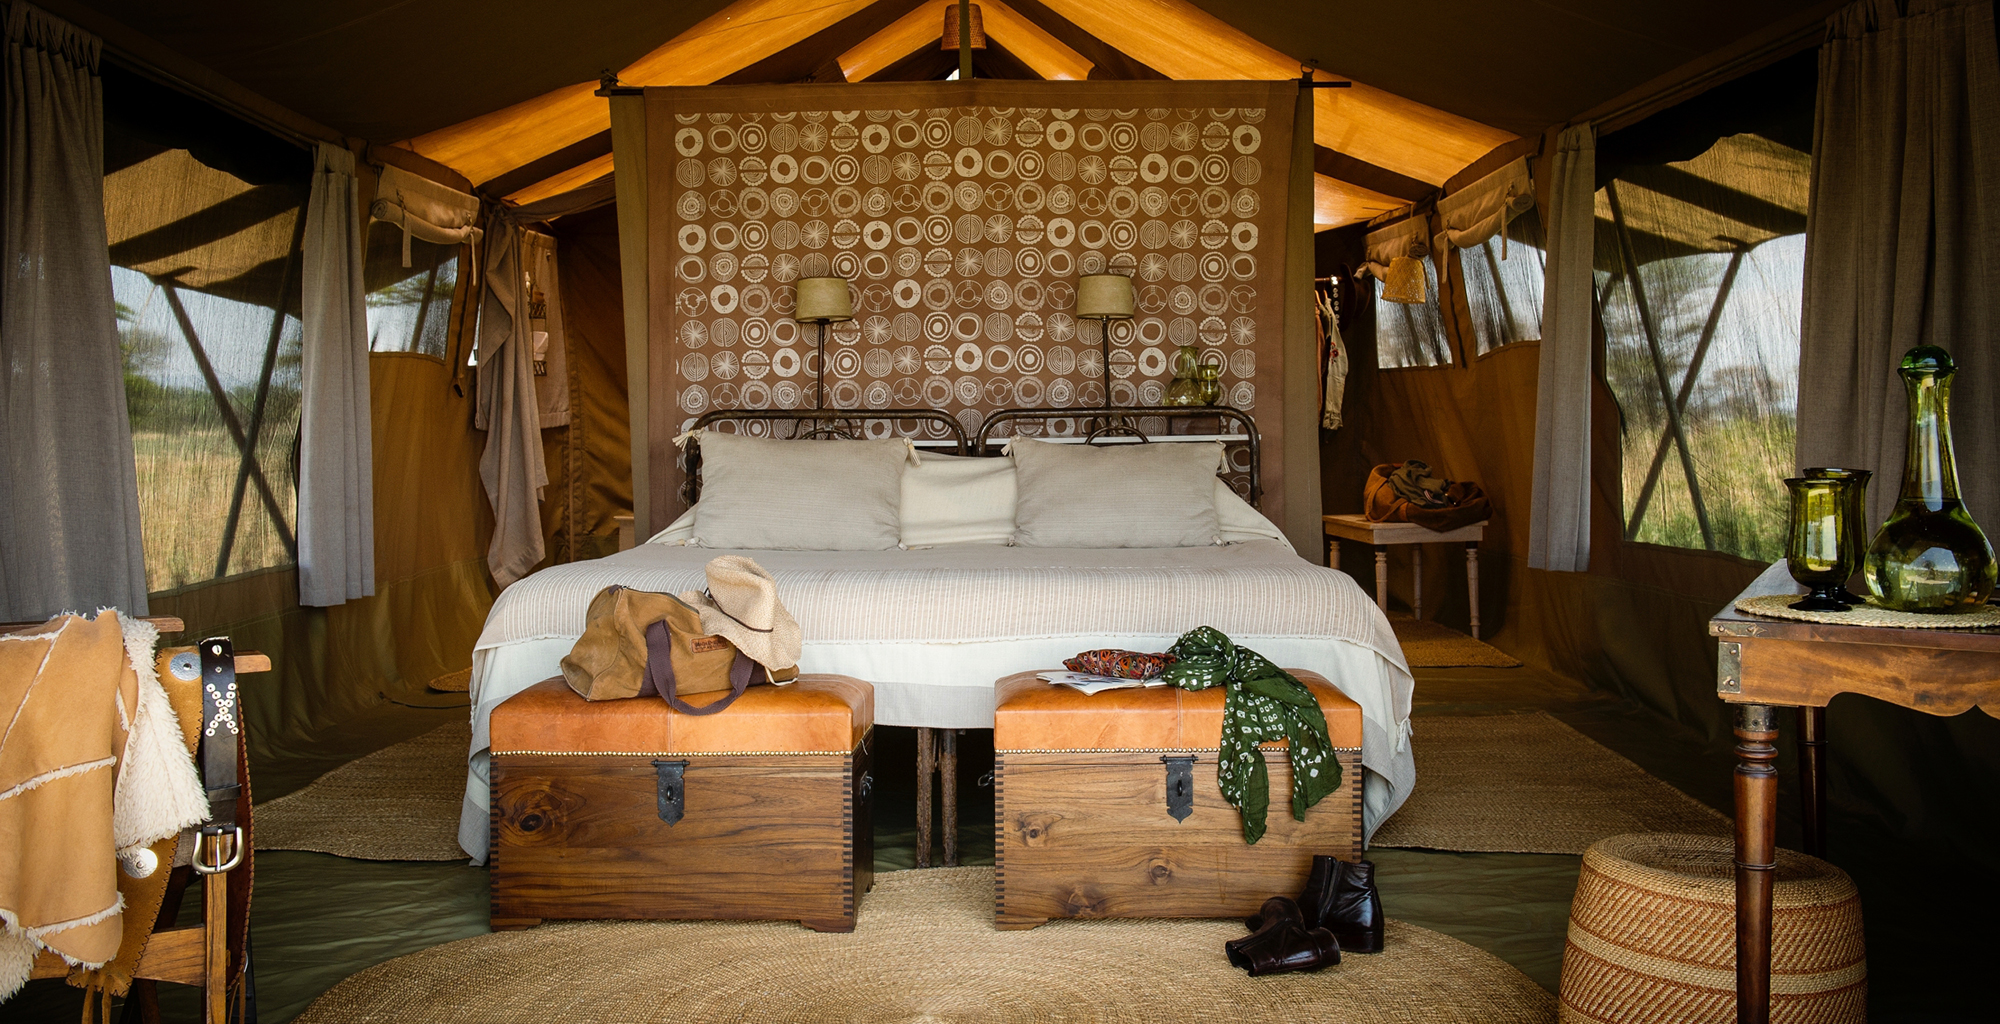 Tanzania-Serengeti-Safari-Camp-Bedroom